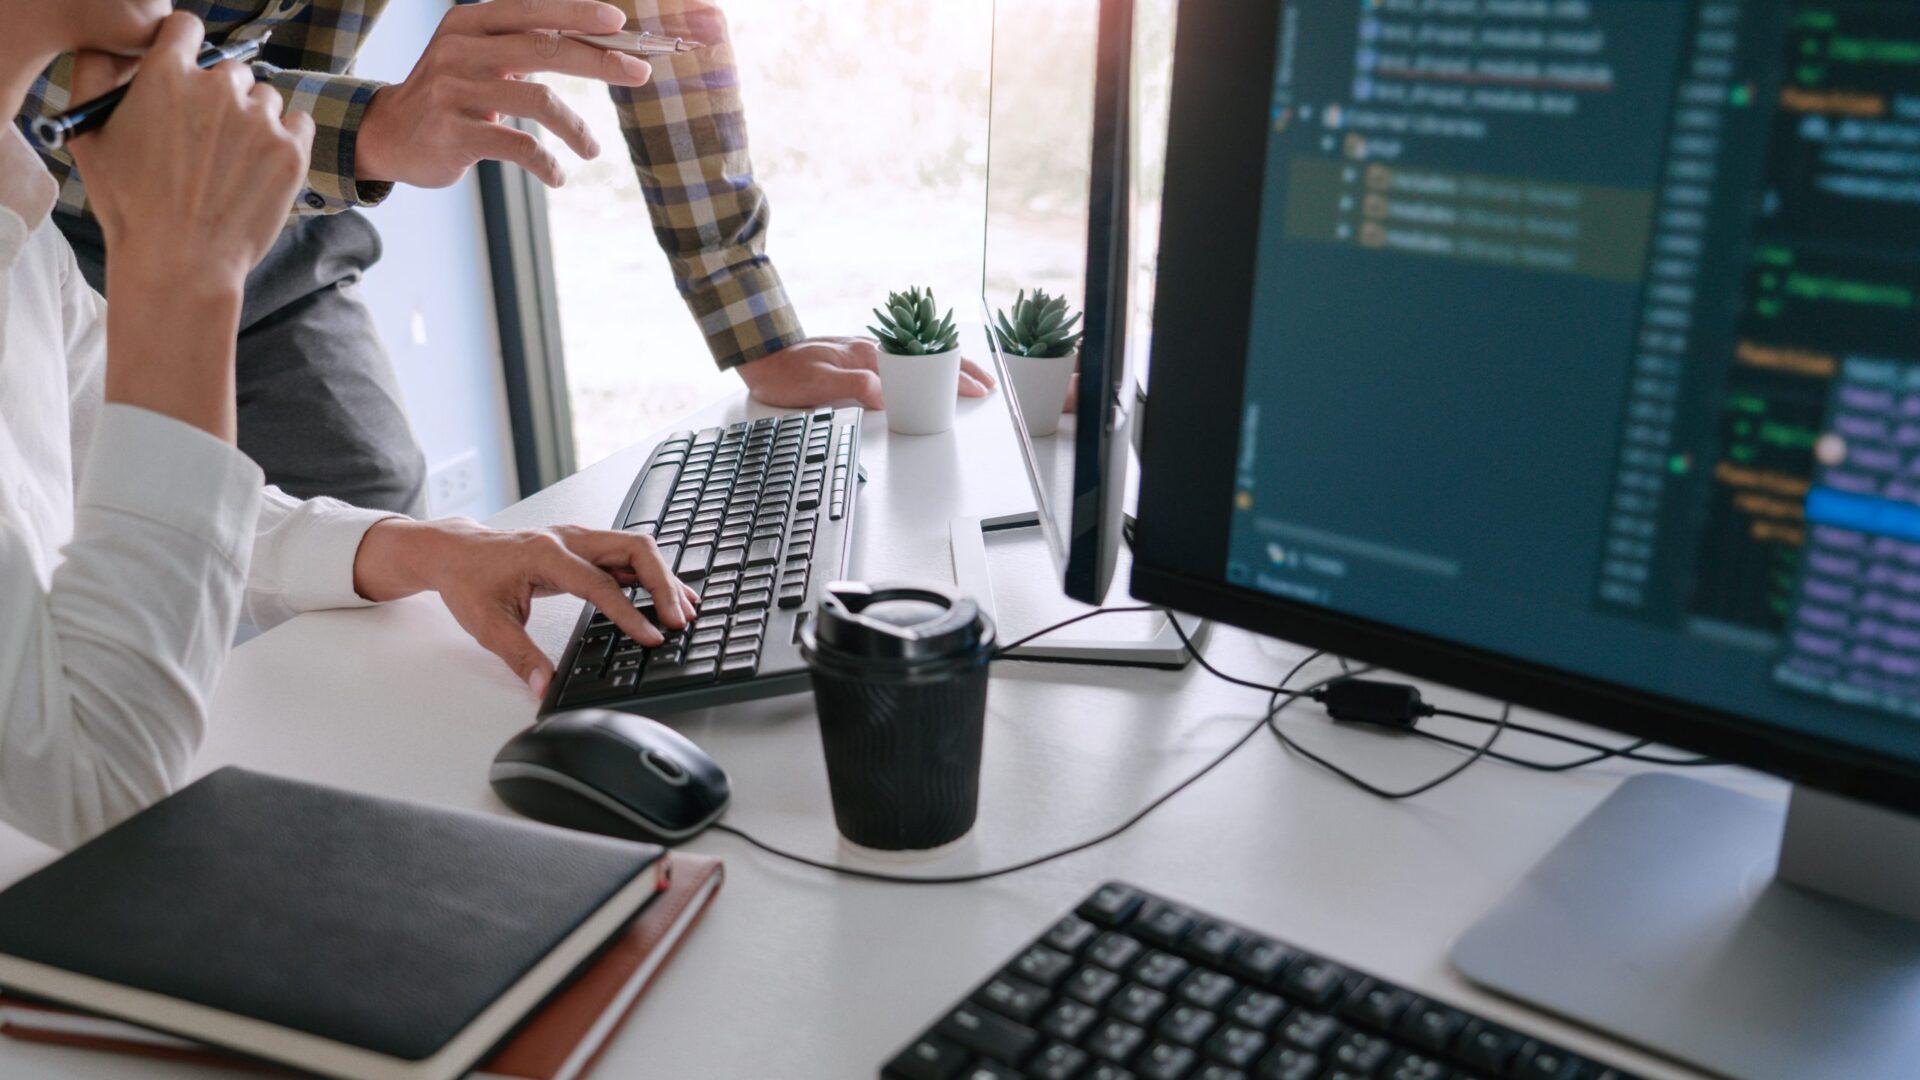 أهمية تصميم الموقع على انطباع العملاء